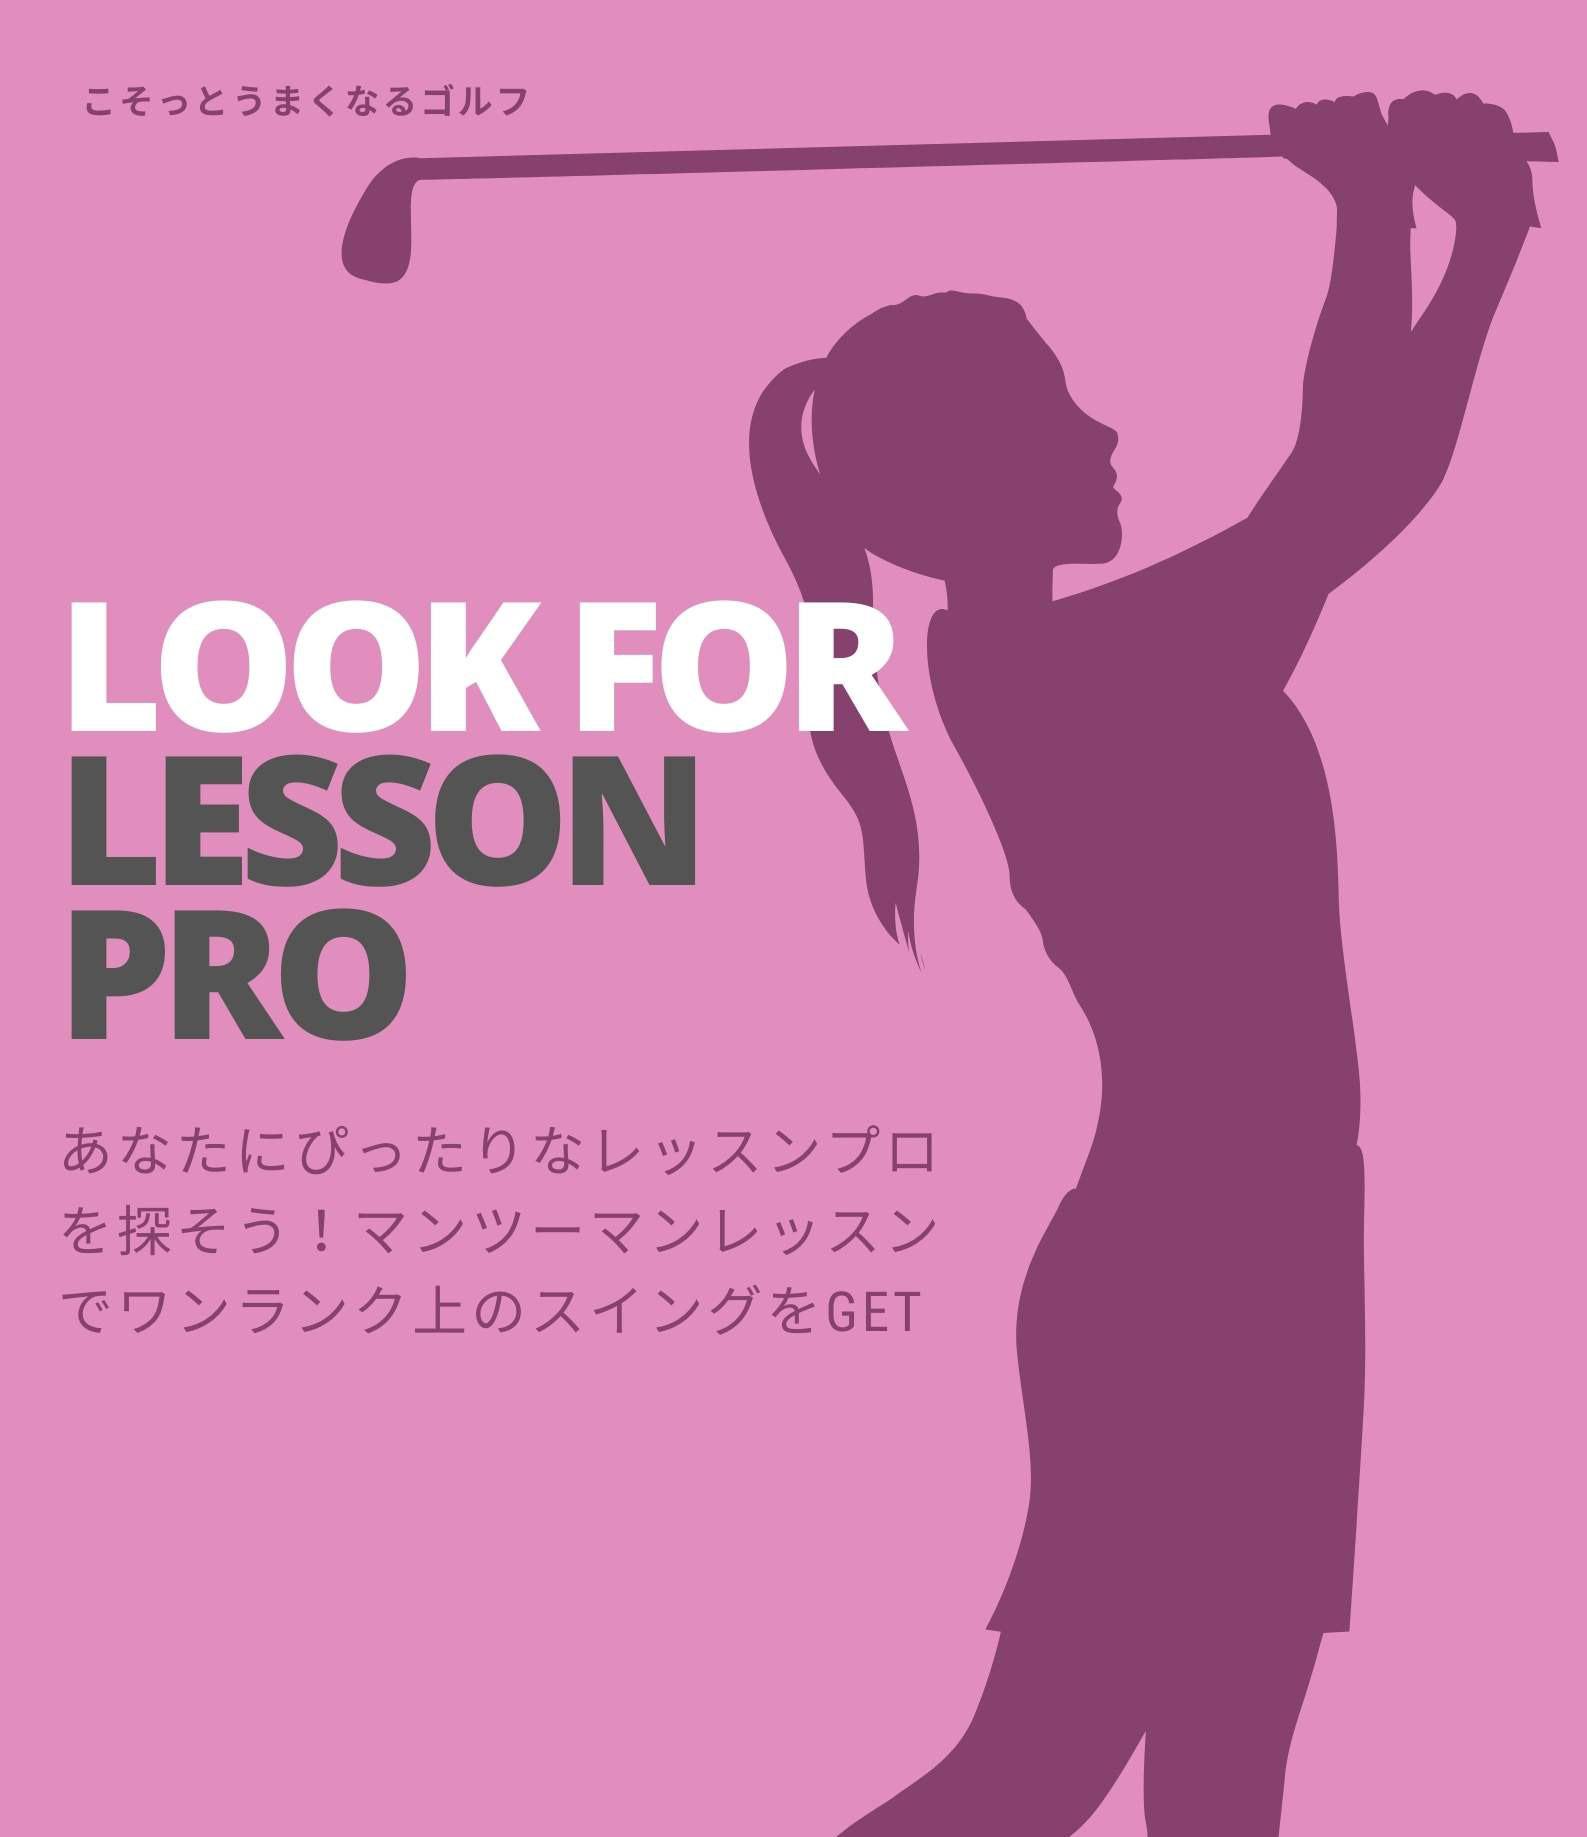 ゴルフレッスンプロを探す|絞込検索!